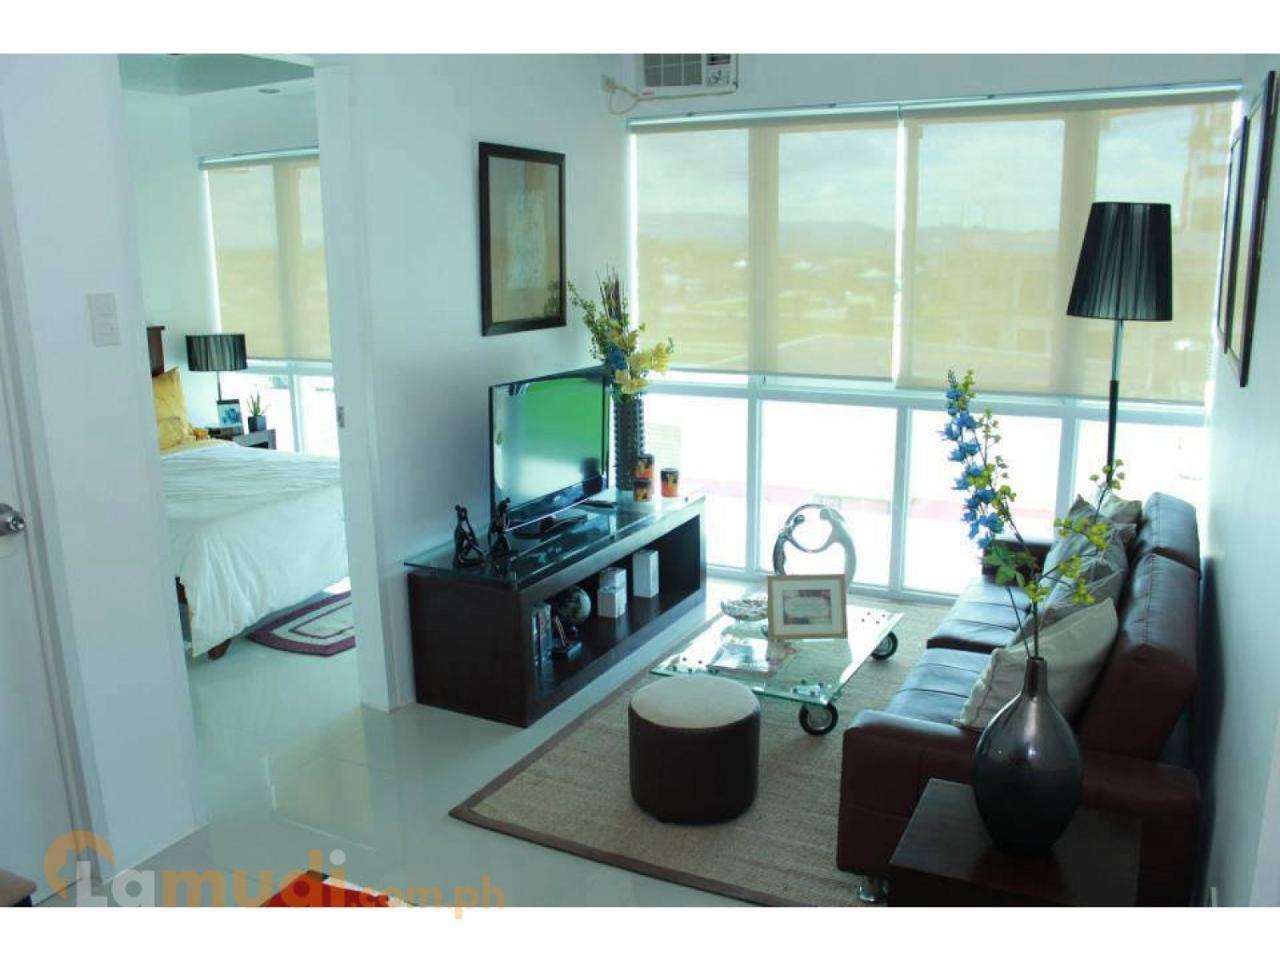 Condominium For Sale in Pueblo De Oro Township Upper Carmen Cagayan De Oro, Misamis Oriental,